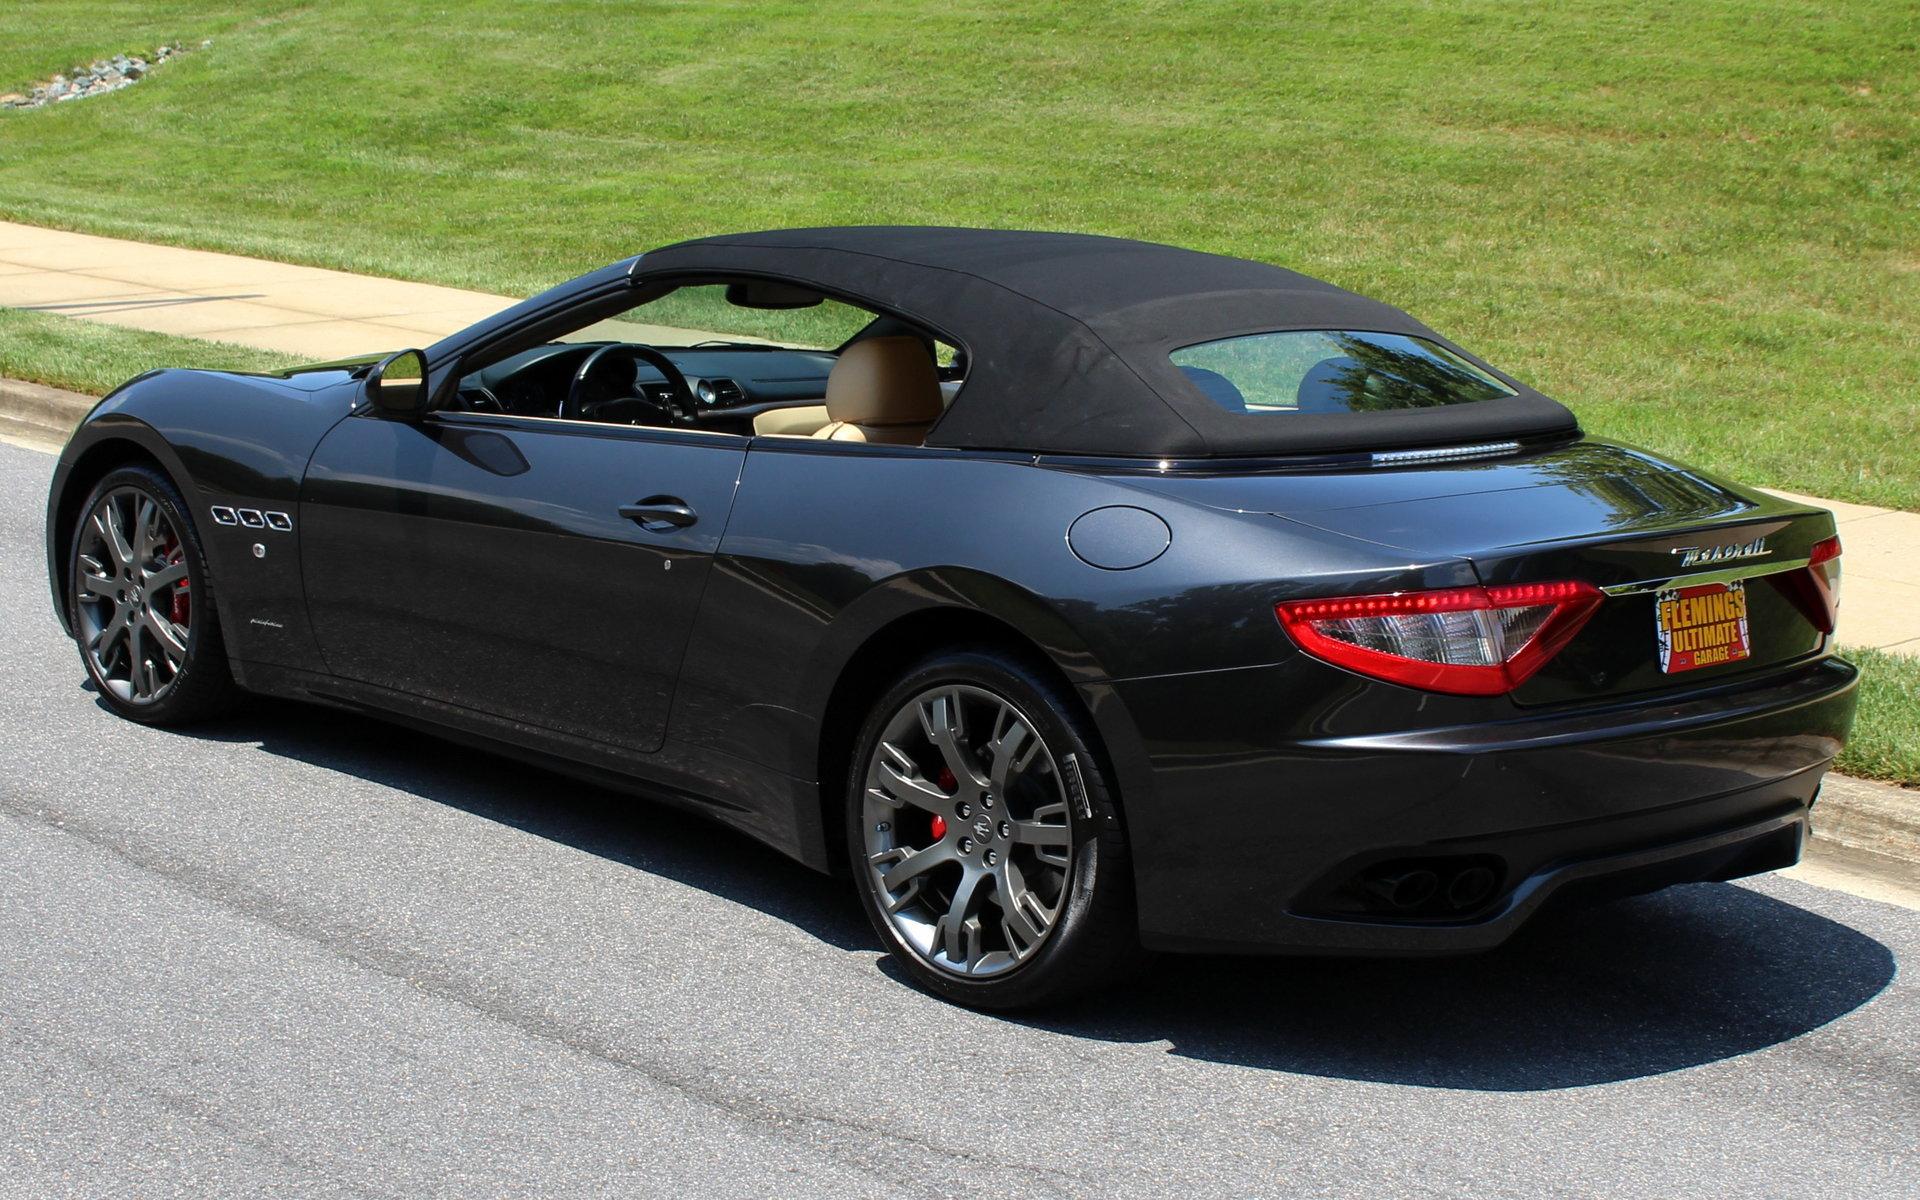 2014 Maserati GranTurismo for sale #92248   MCG